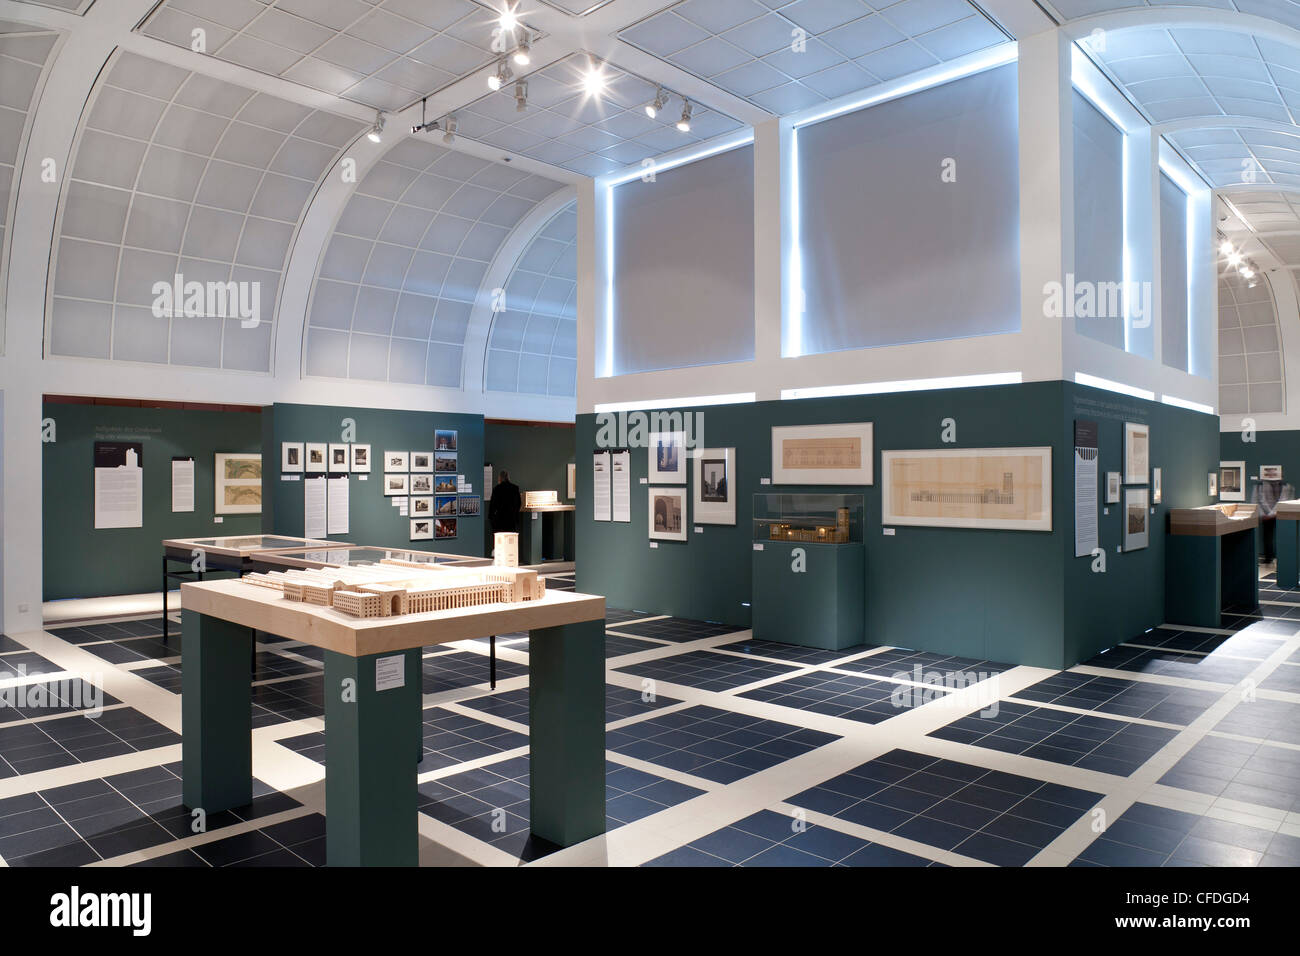 Deutsches architekturmuseum architect o m ungers for Frankfurt architekturmuseum